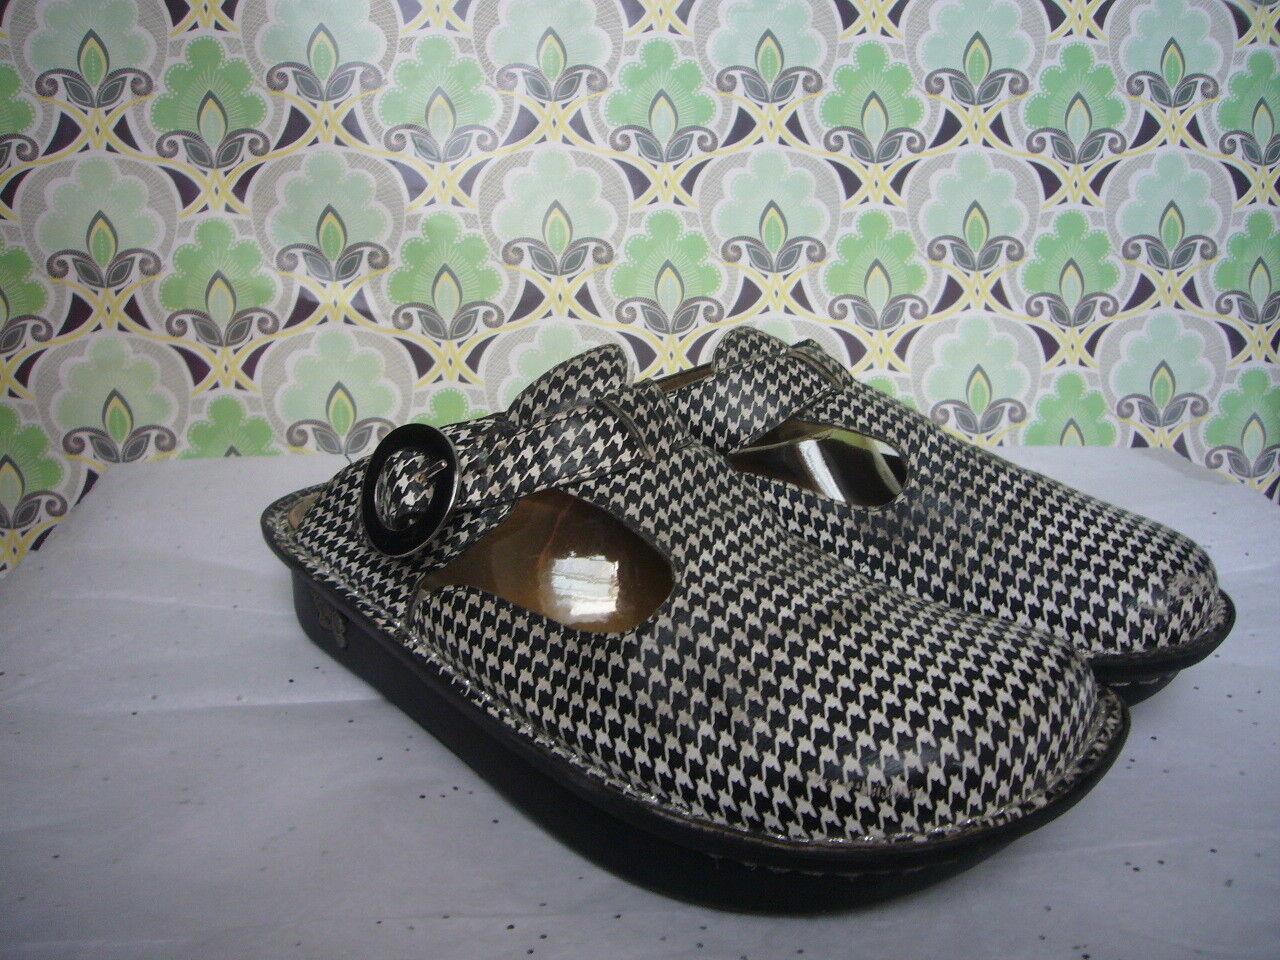 Alegria PG Lite Houndstooth Leather Slip on Clog - Größe 40  US 9.5-10 Comfort